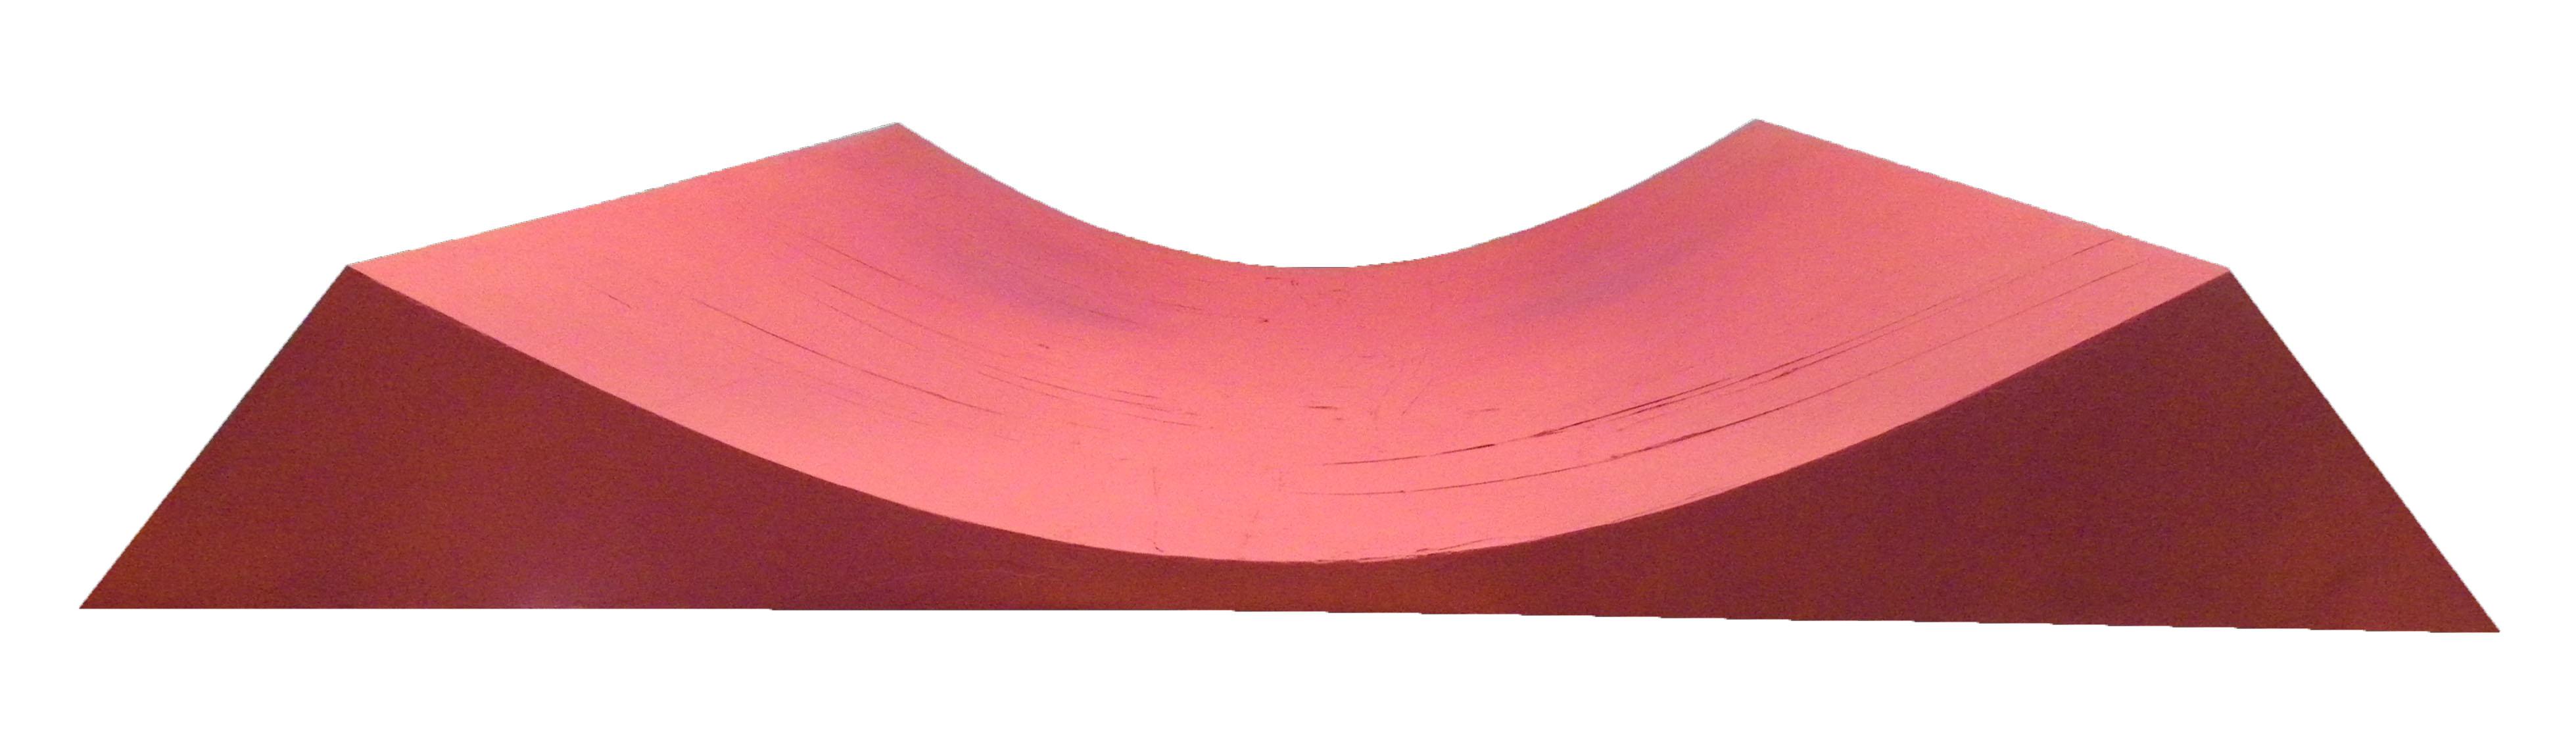 Detalle Lateral Sima Roja 2 Copia